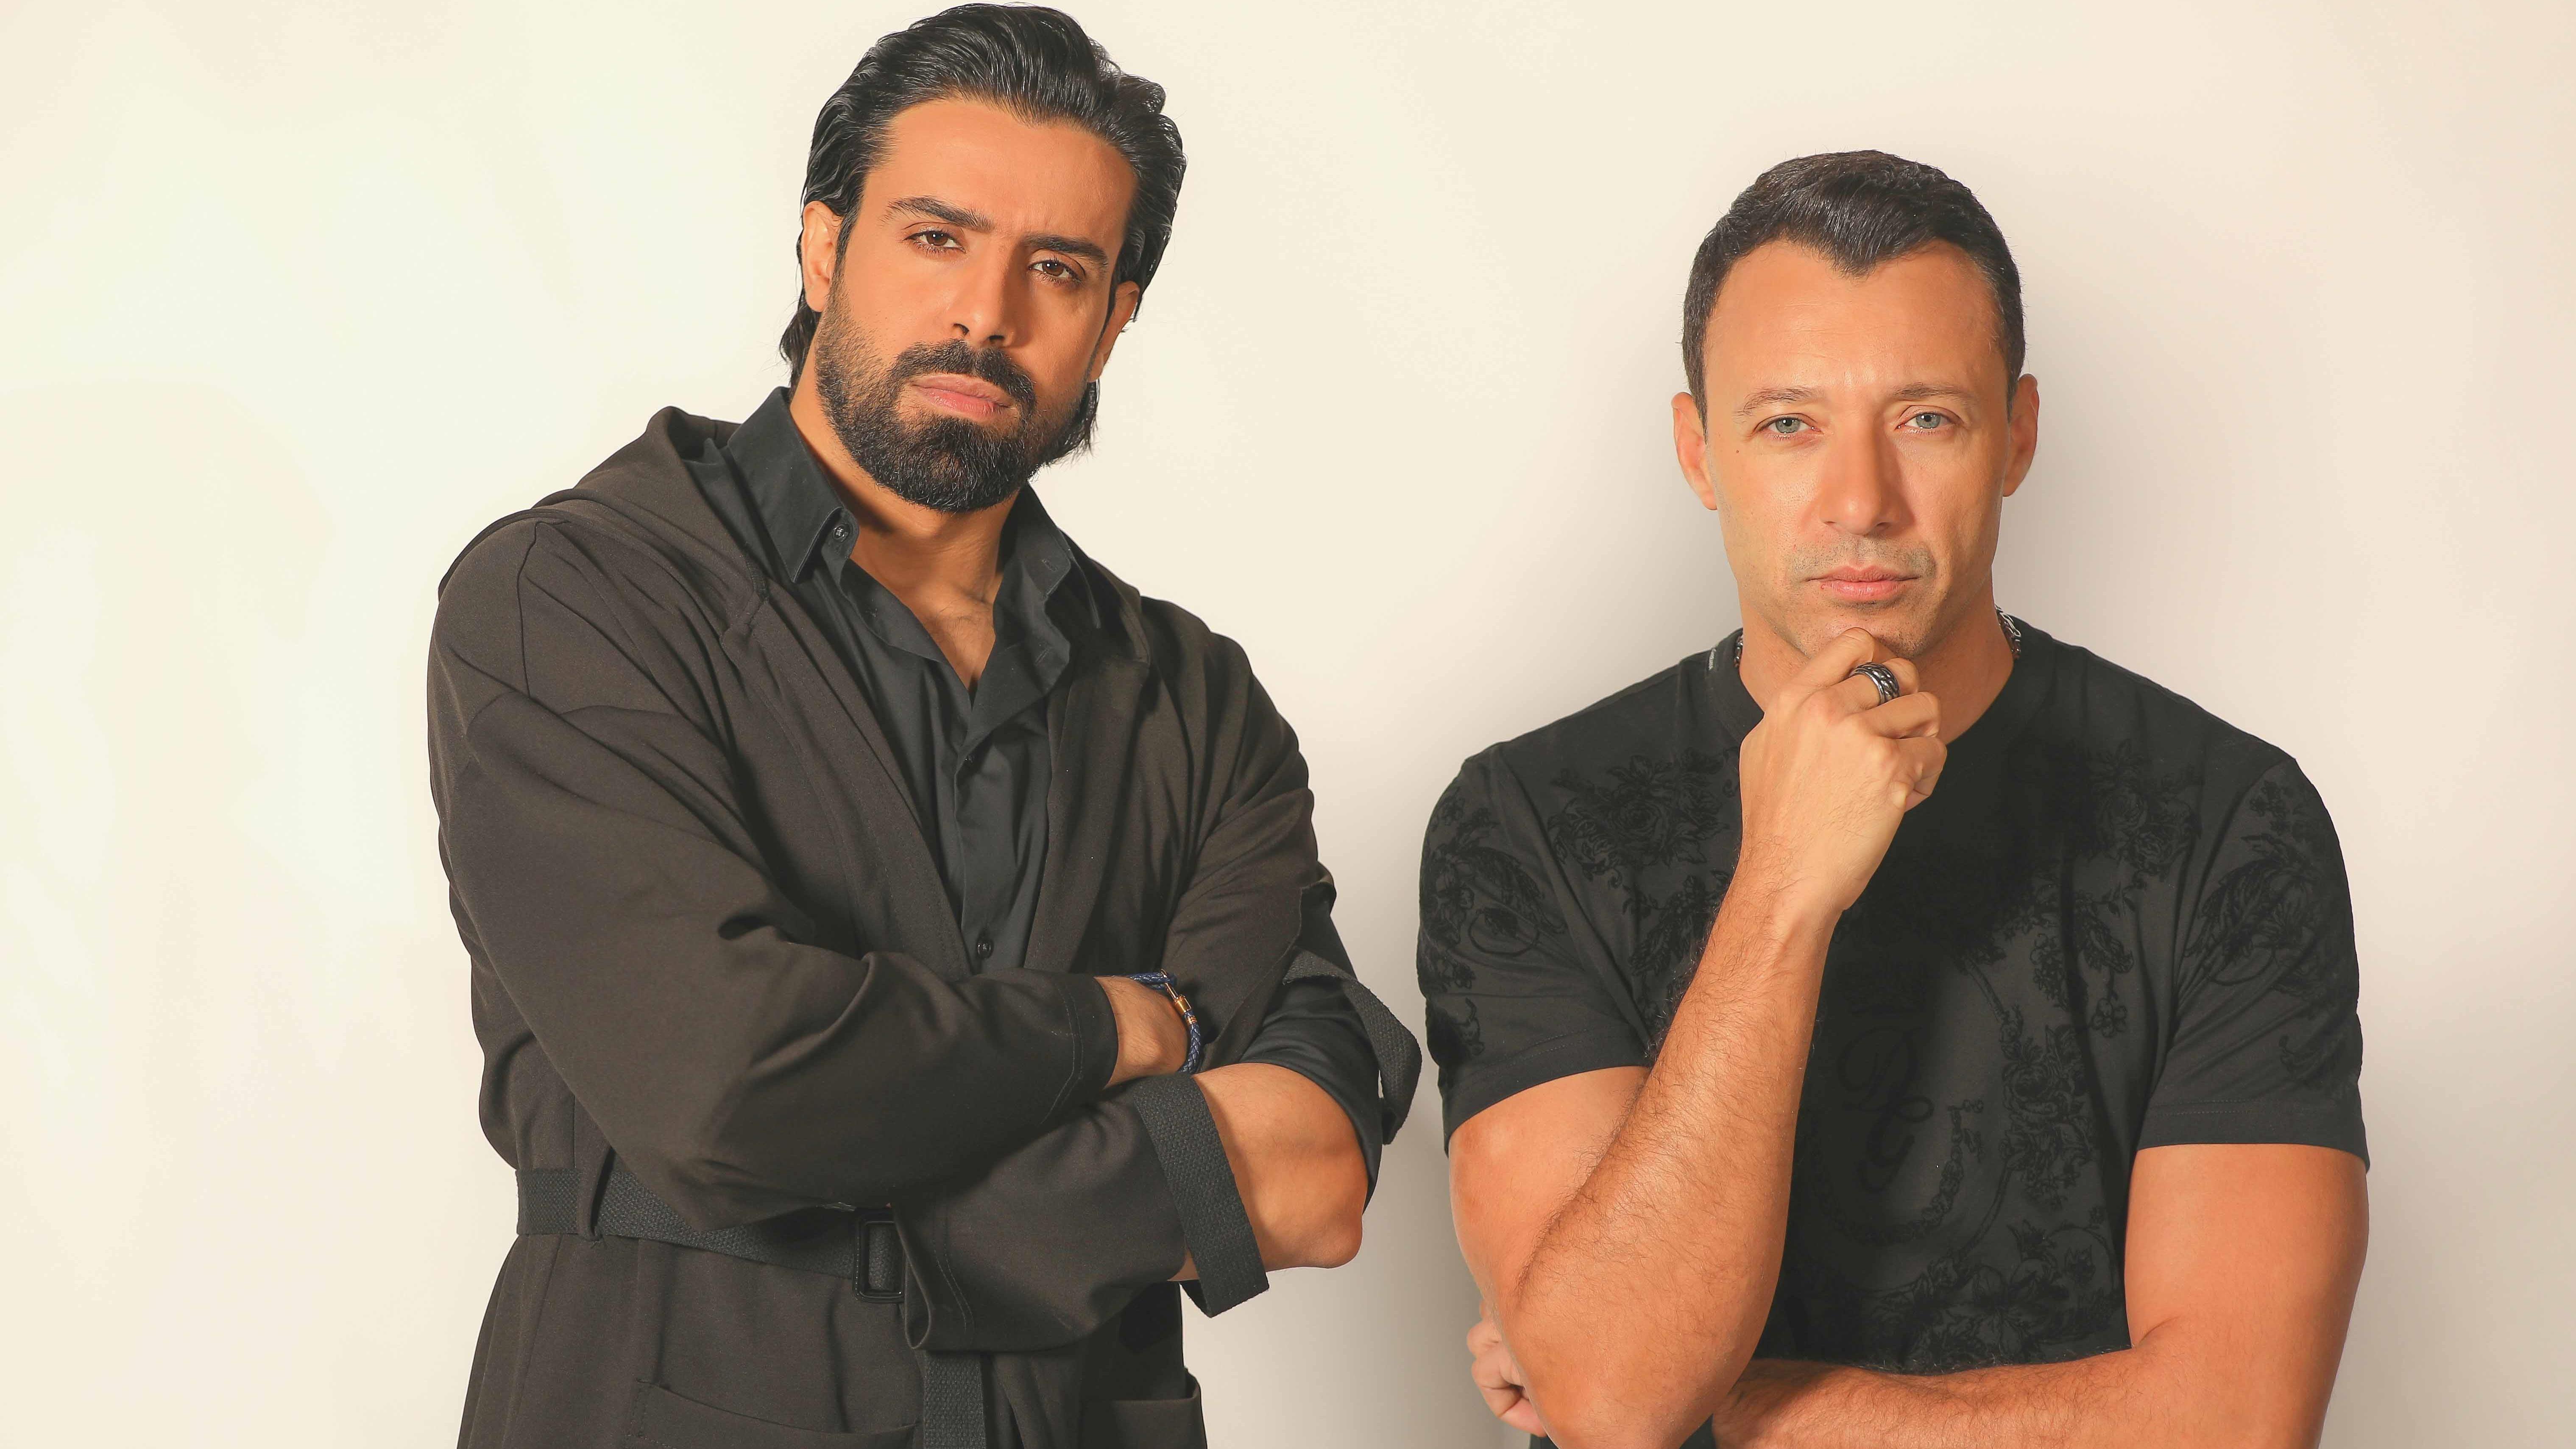 جلسة صريحة وعفوية بين أحمد فهمي وأحمد شعيب